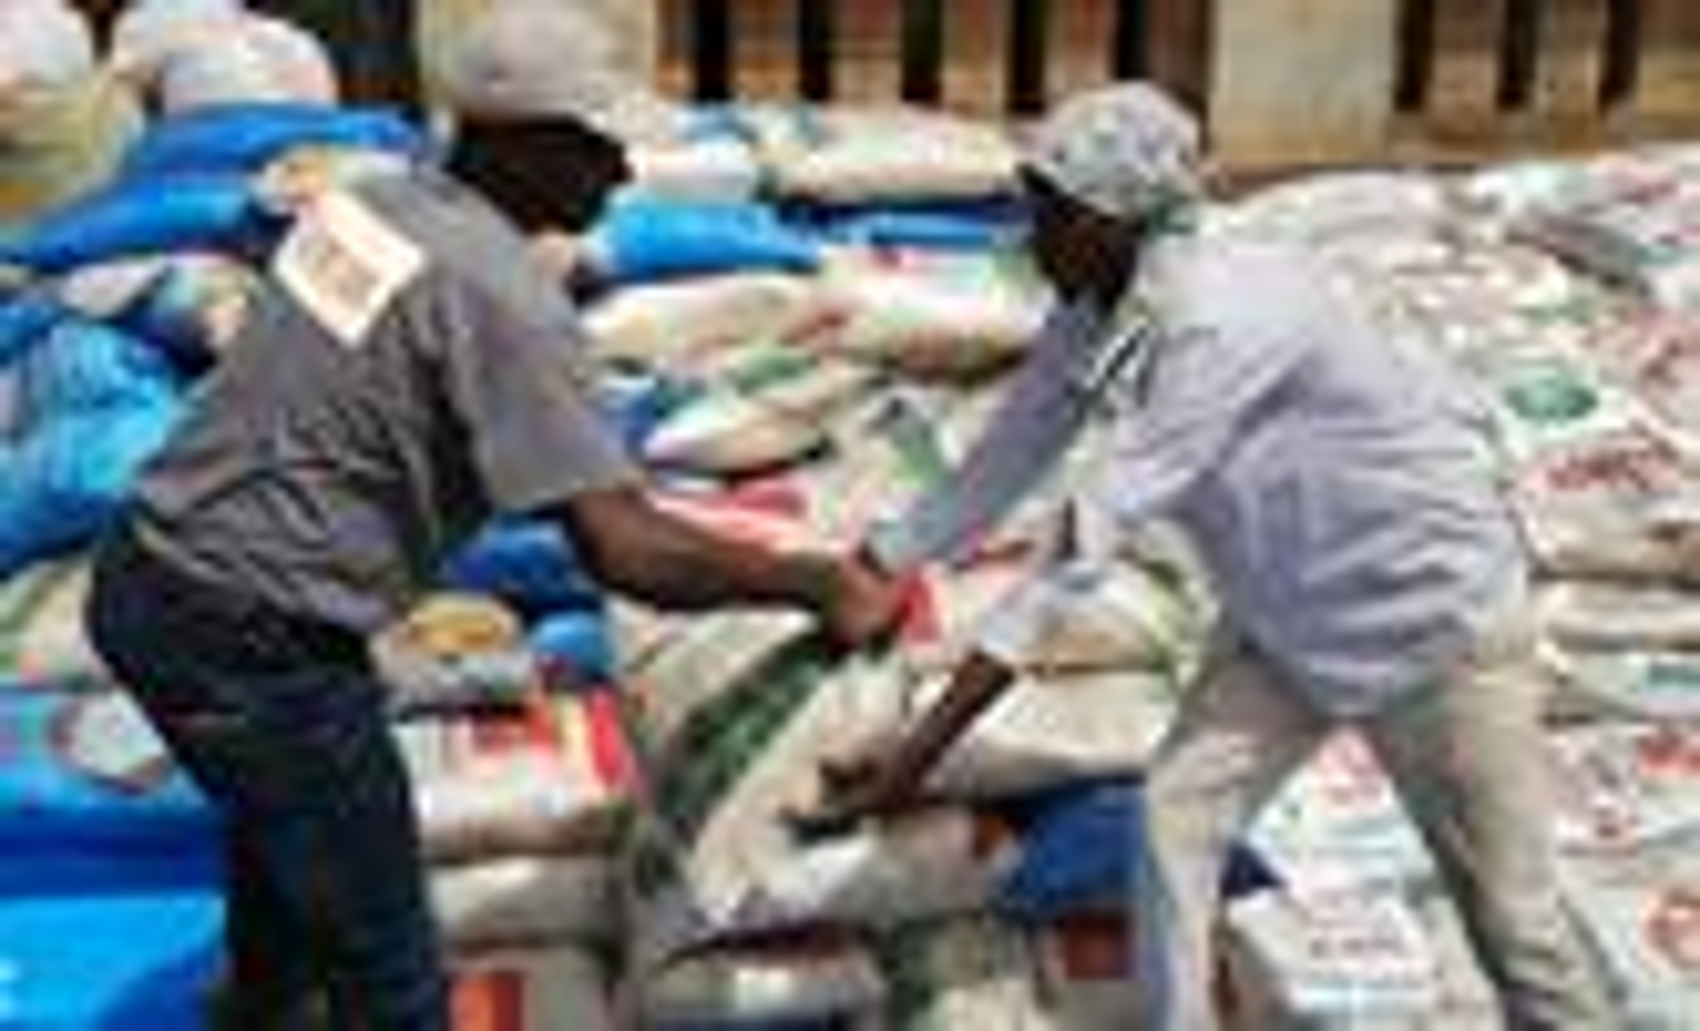 Jean Tshomba, coordinateur du Bureau de gestion des catastrophes d'UMCOR dans l'Est du Congo, remet un sac de farine à l'un des bénéficiaires lors de la distribution de nourriture dans le district ecclésiastique de Lubutu fin novembre 2019. UMCOR a fourni une aide humanitaire aux personnes déplacées par la guerre dans la région. Photo fournie par le Bureau de gestion des catastrophes d'UMCOR de l'Est du Congo.